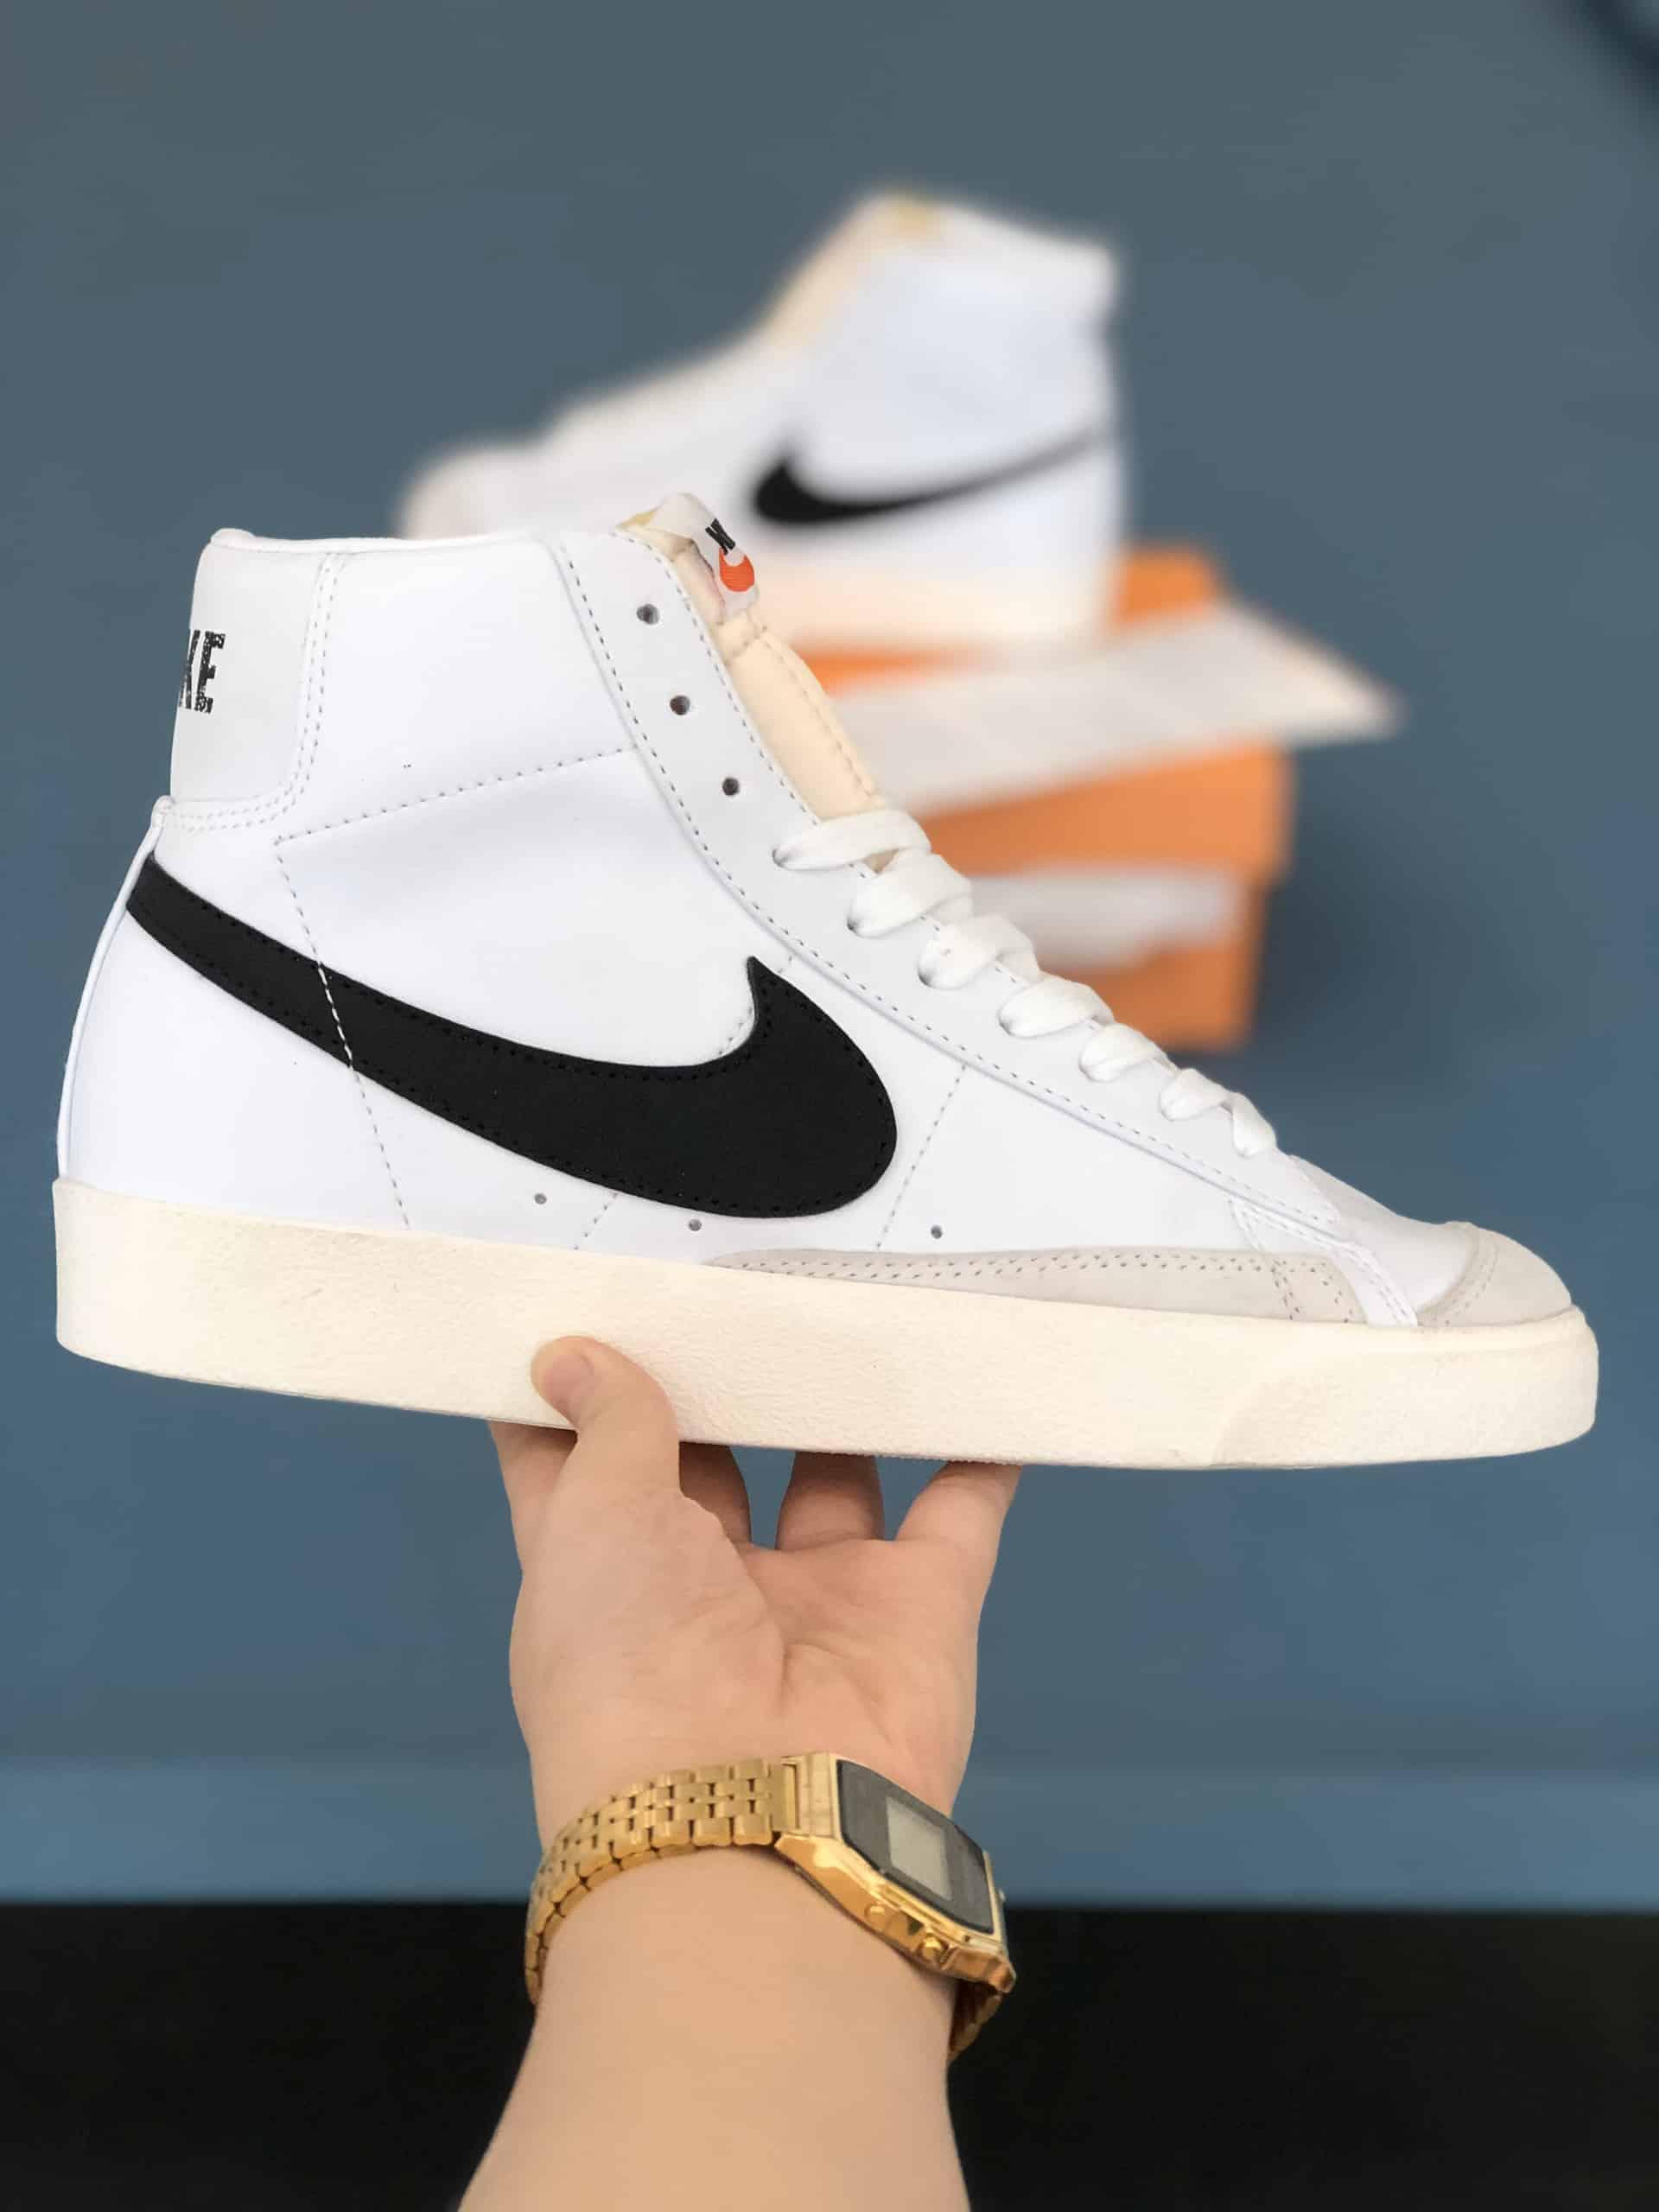 Nike Blazer Mid 77 Vintage White Black Rep 1:1 có giá chỉ bằng 30-50% so với Nike chính hãng